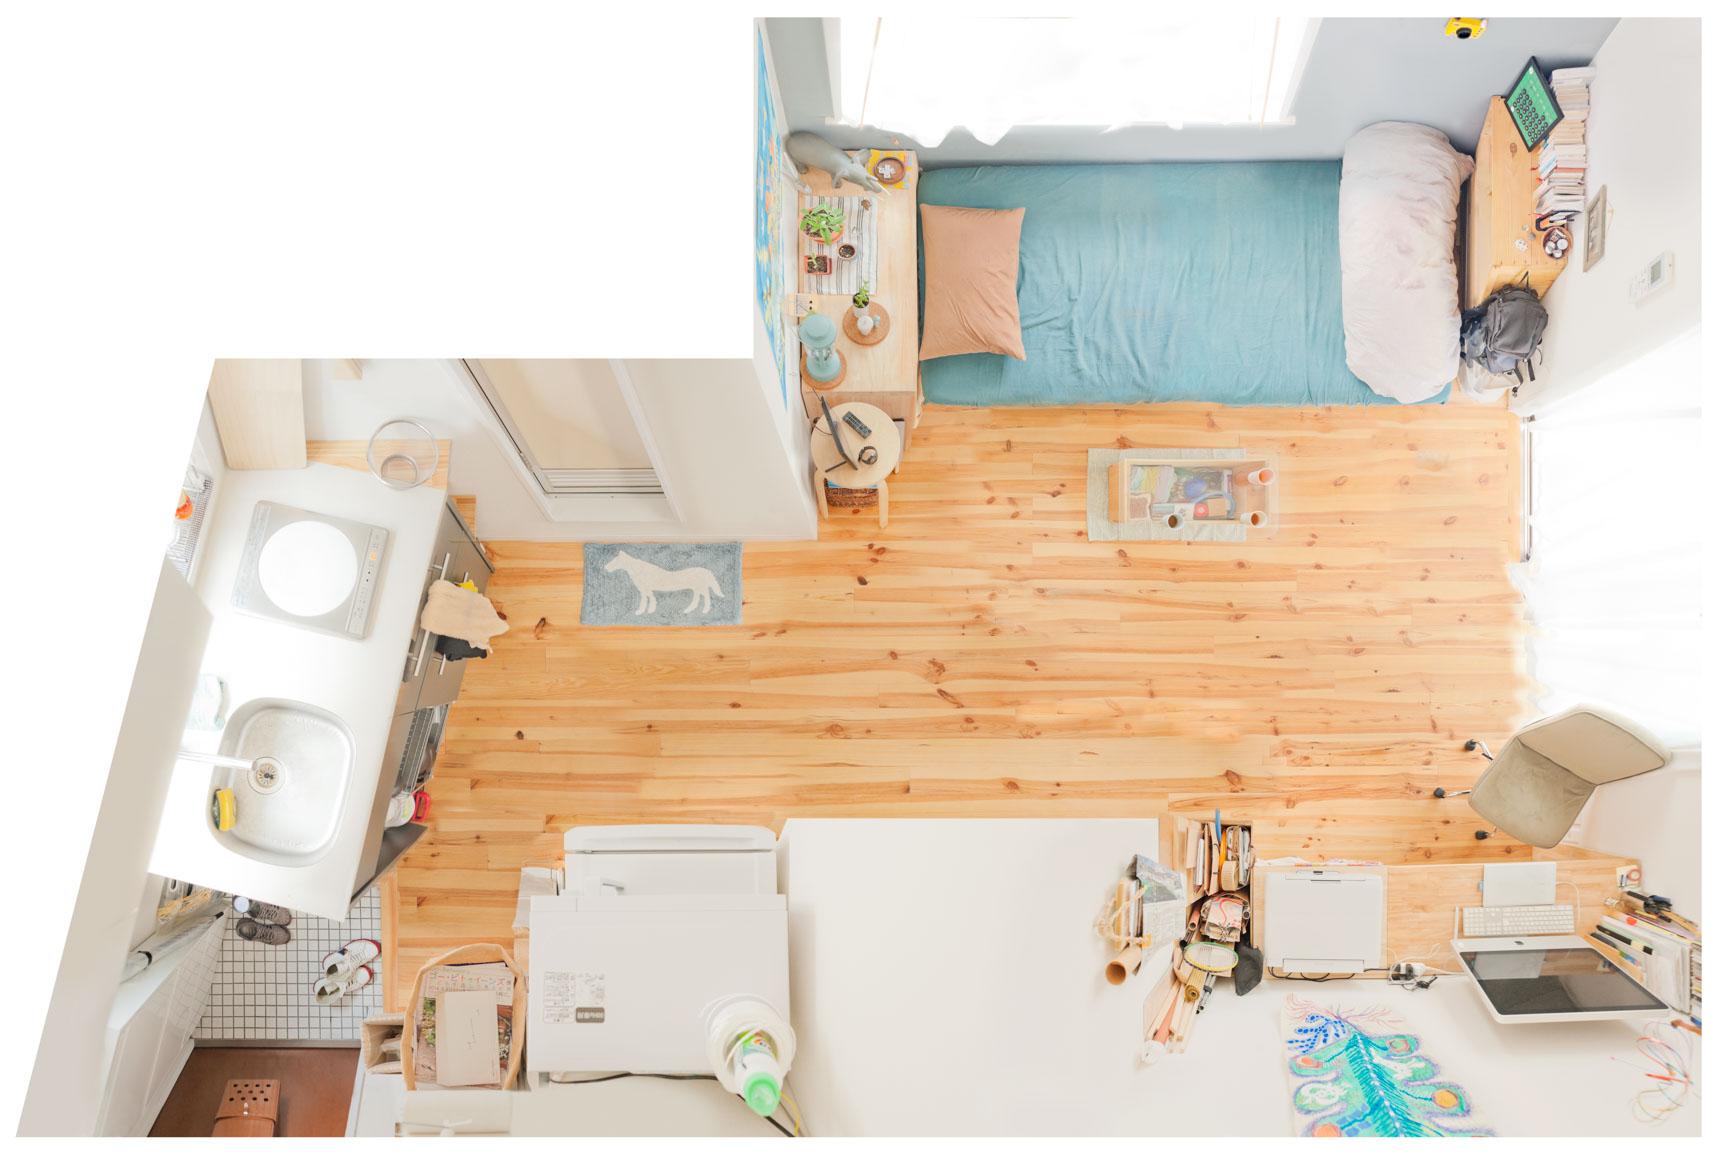 狭くても諦めない賃貸間取りのチョイスと家具配置の実例まとめ